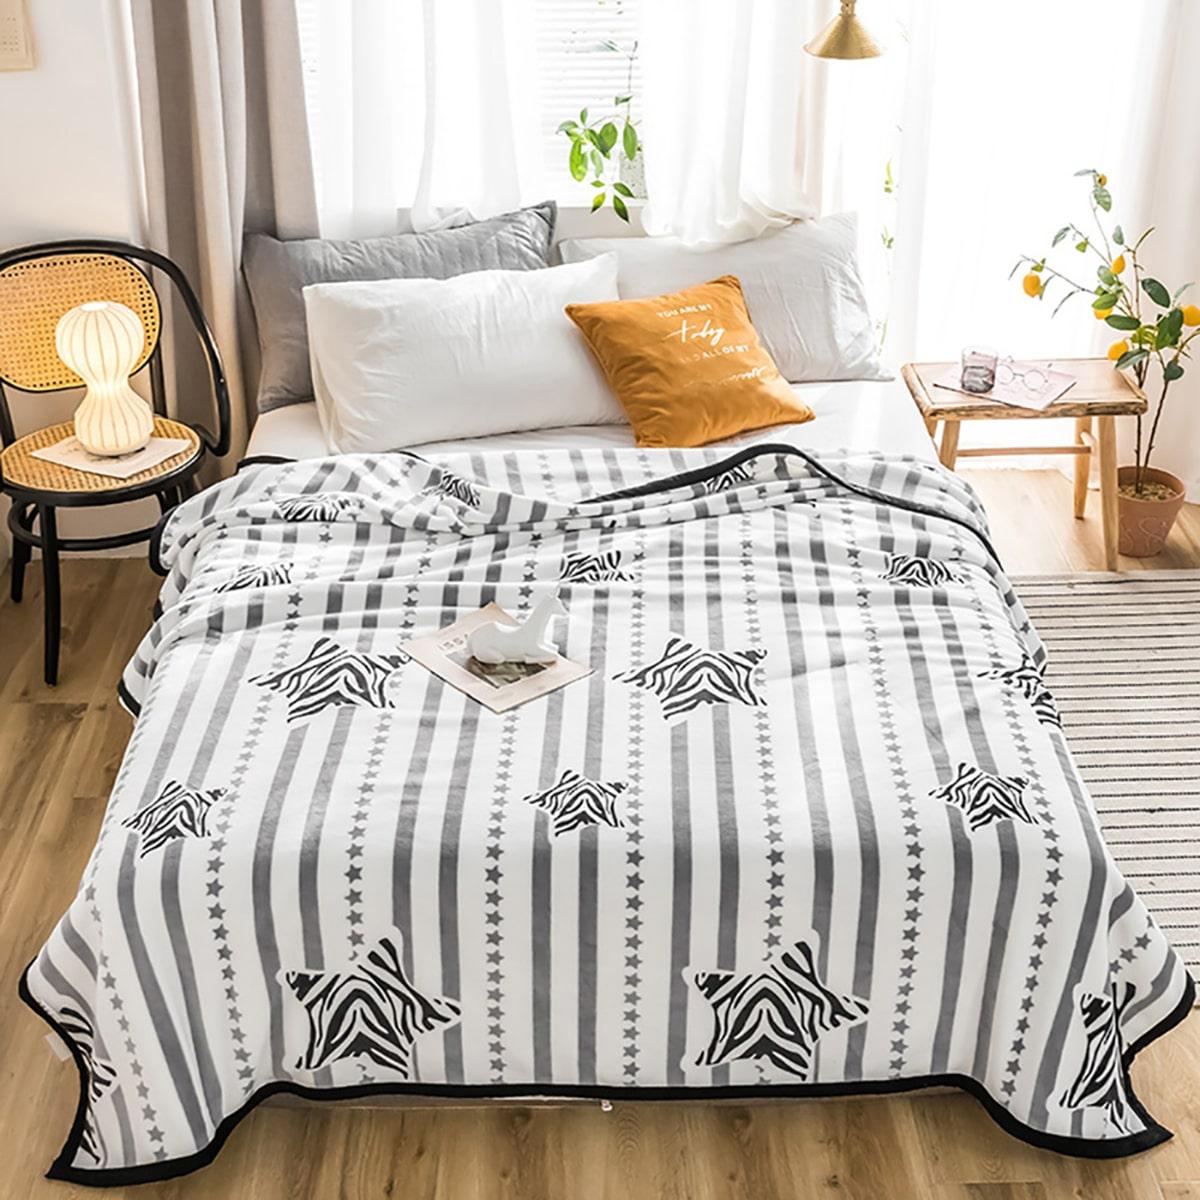 Flanellen deken met ster- en streeppatroon